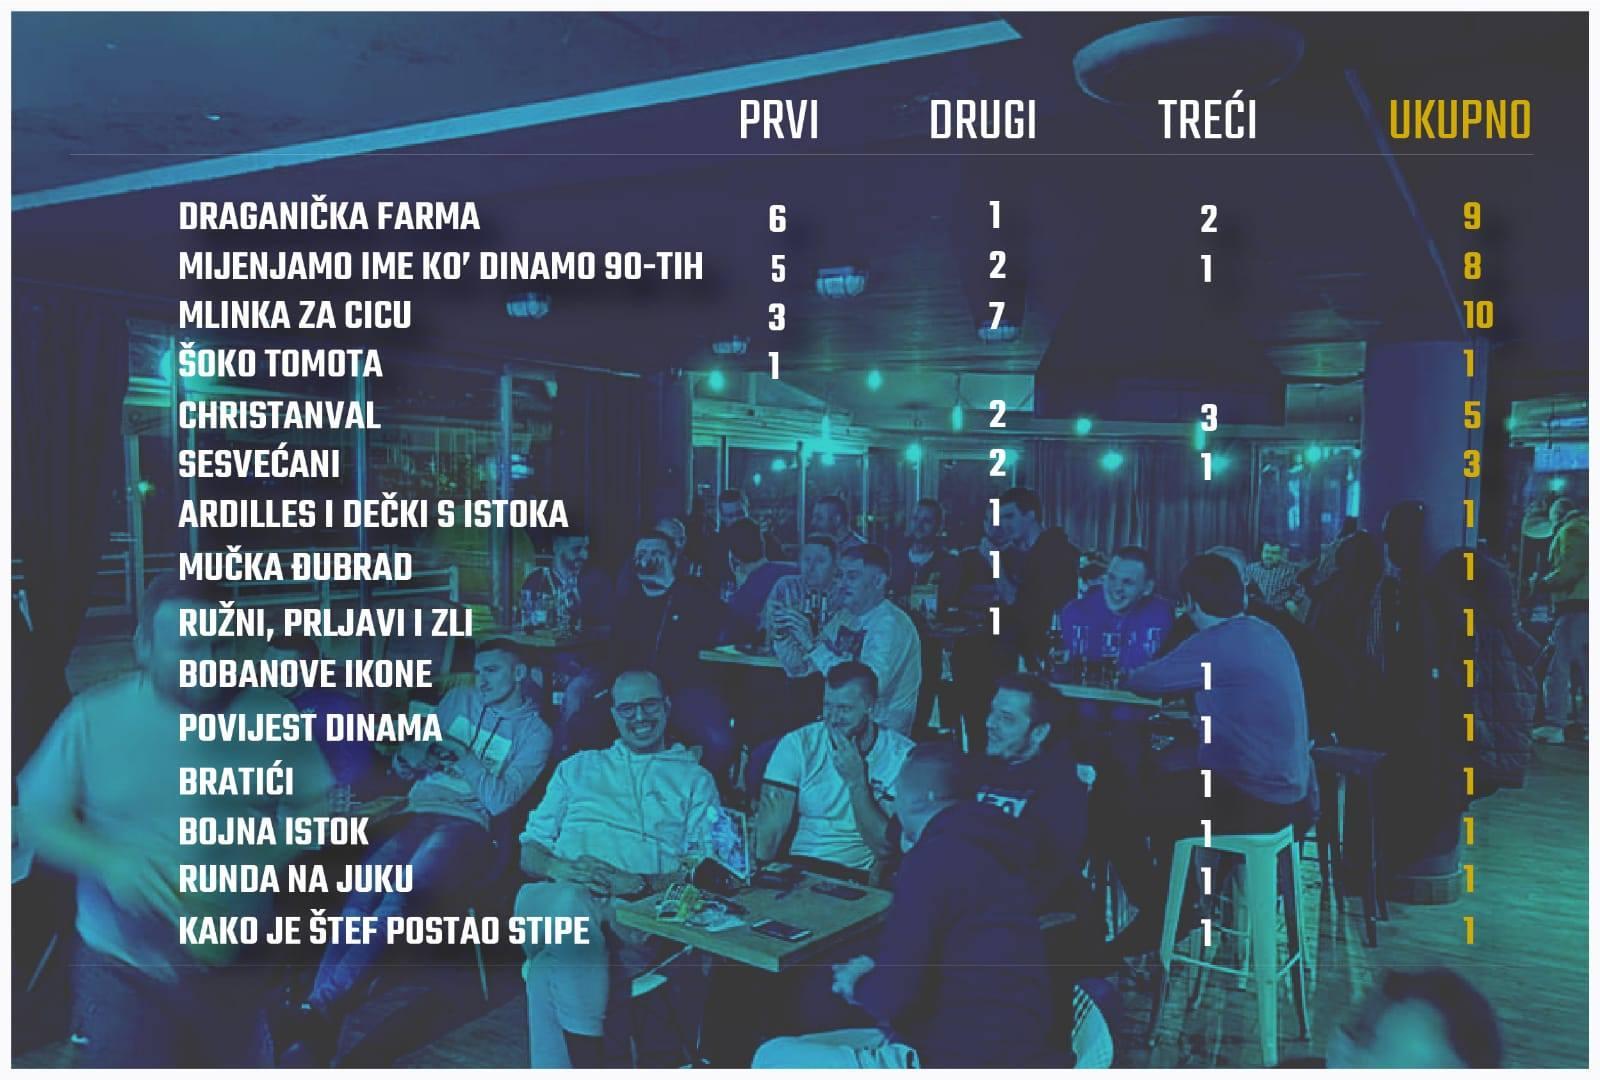 Dinamovi pub kvizovi vječna ljestvica